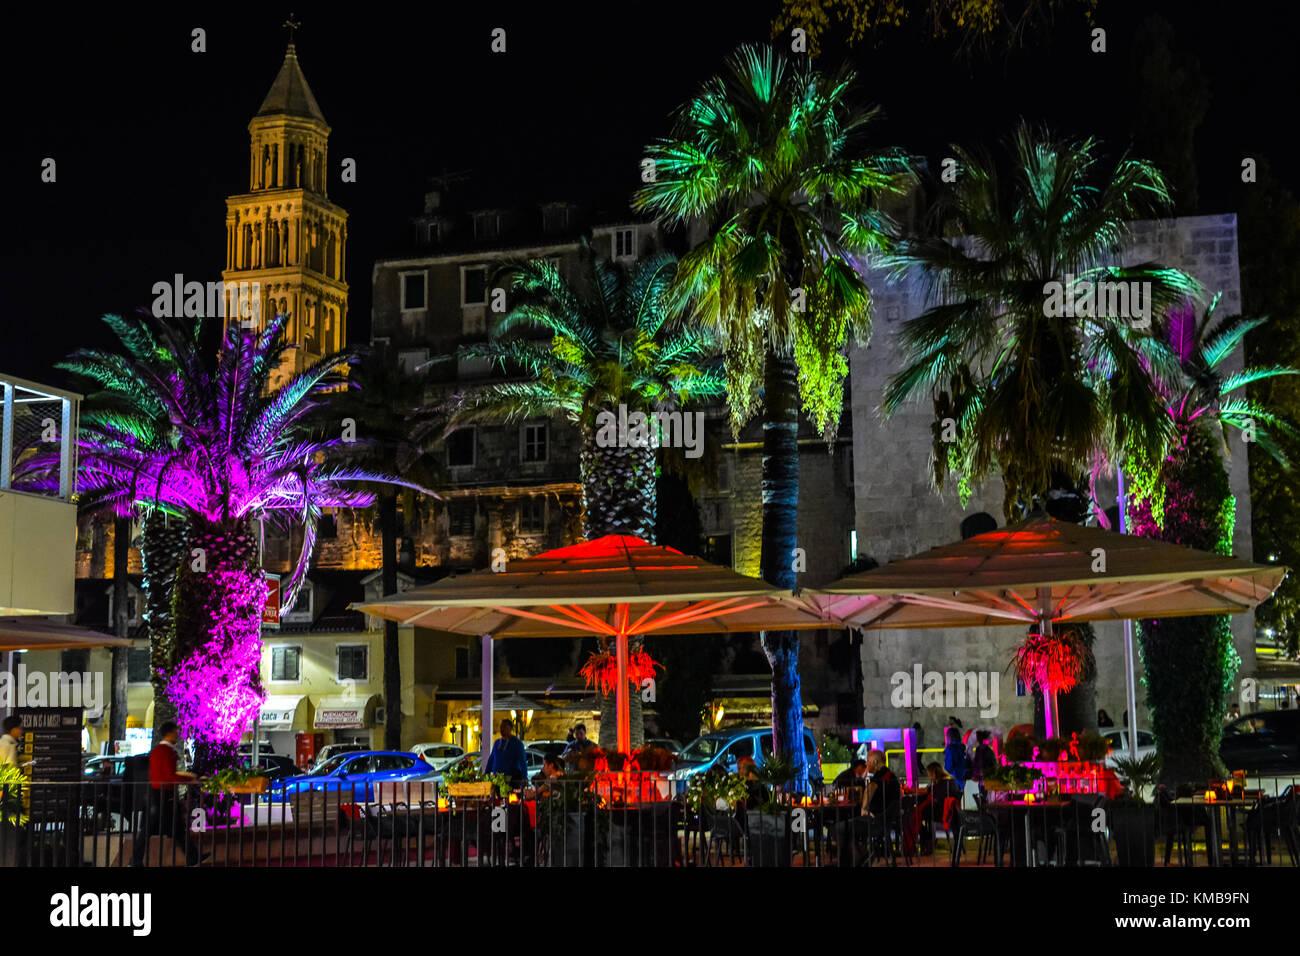 Un Colorato Caf Sul Marciapiede Sulla Riva Passeggiata Lungomare Spalato Croazia A Tarda Notte Con Palme Ombrelli E Torre Illuminato Luci